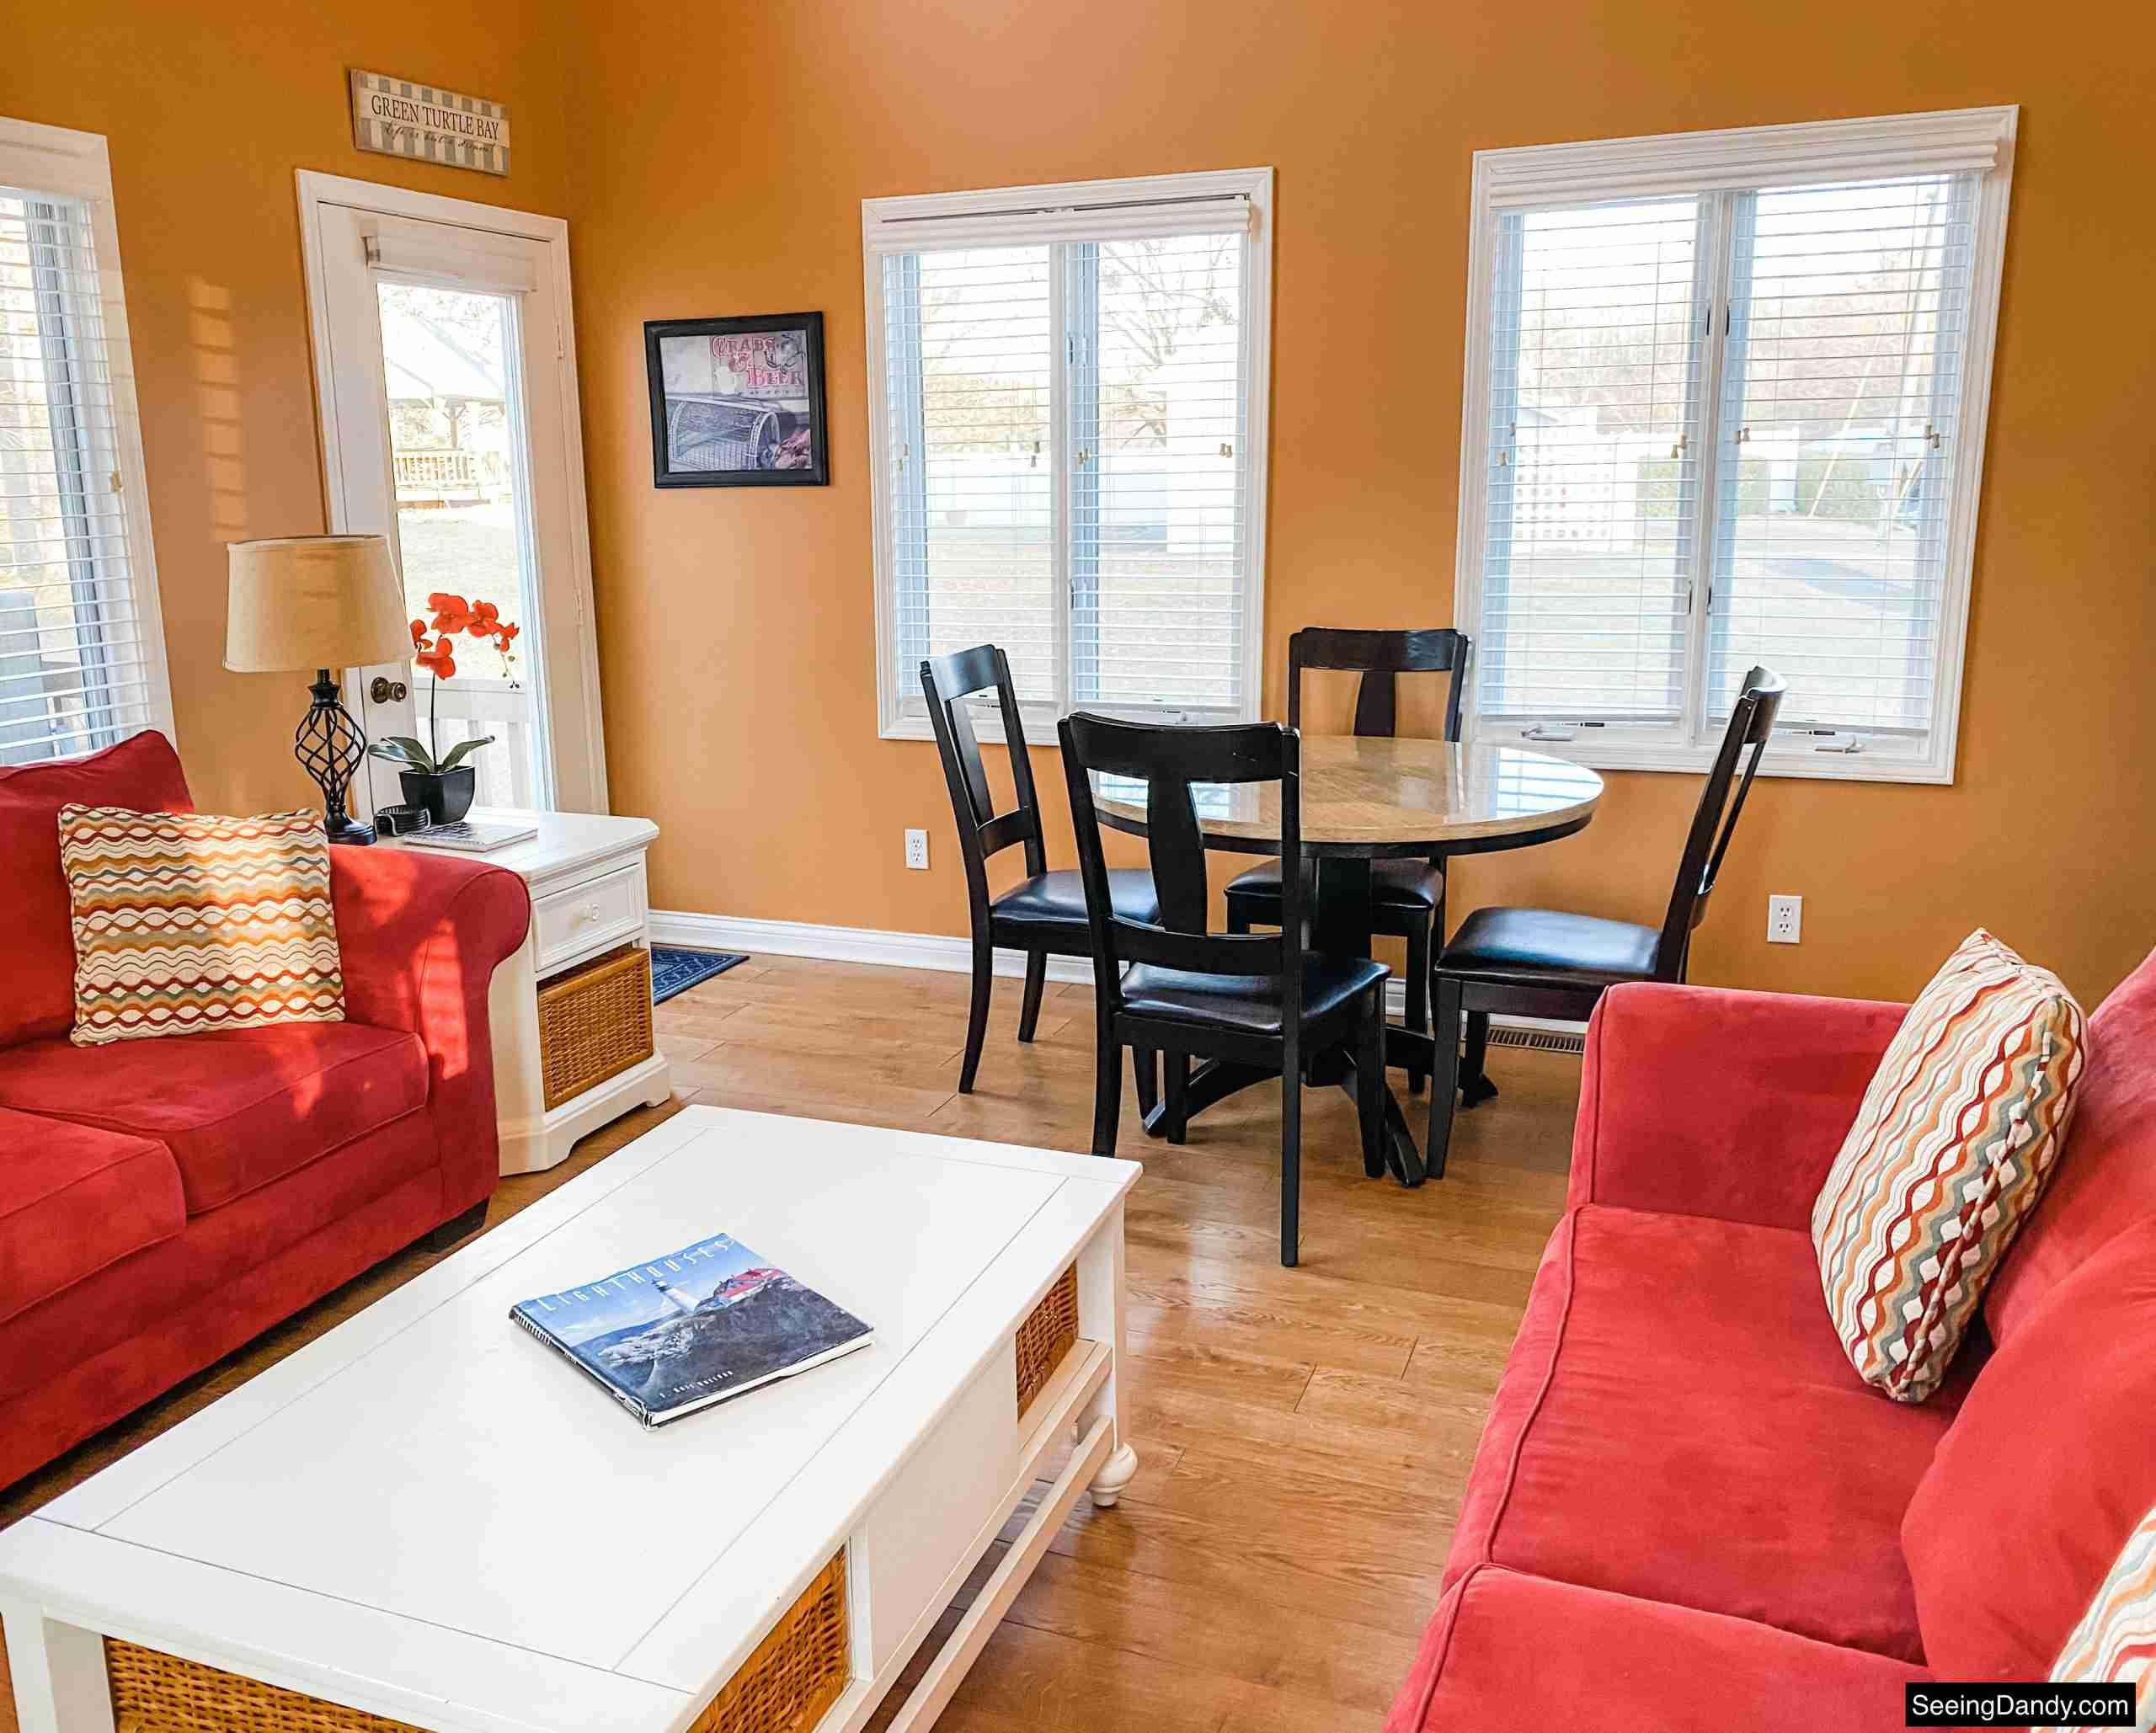 green turtle bay condo, elliebelle condo, nautical decor, lighthouse coffee table book, red sofa